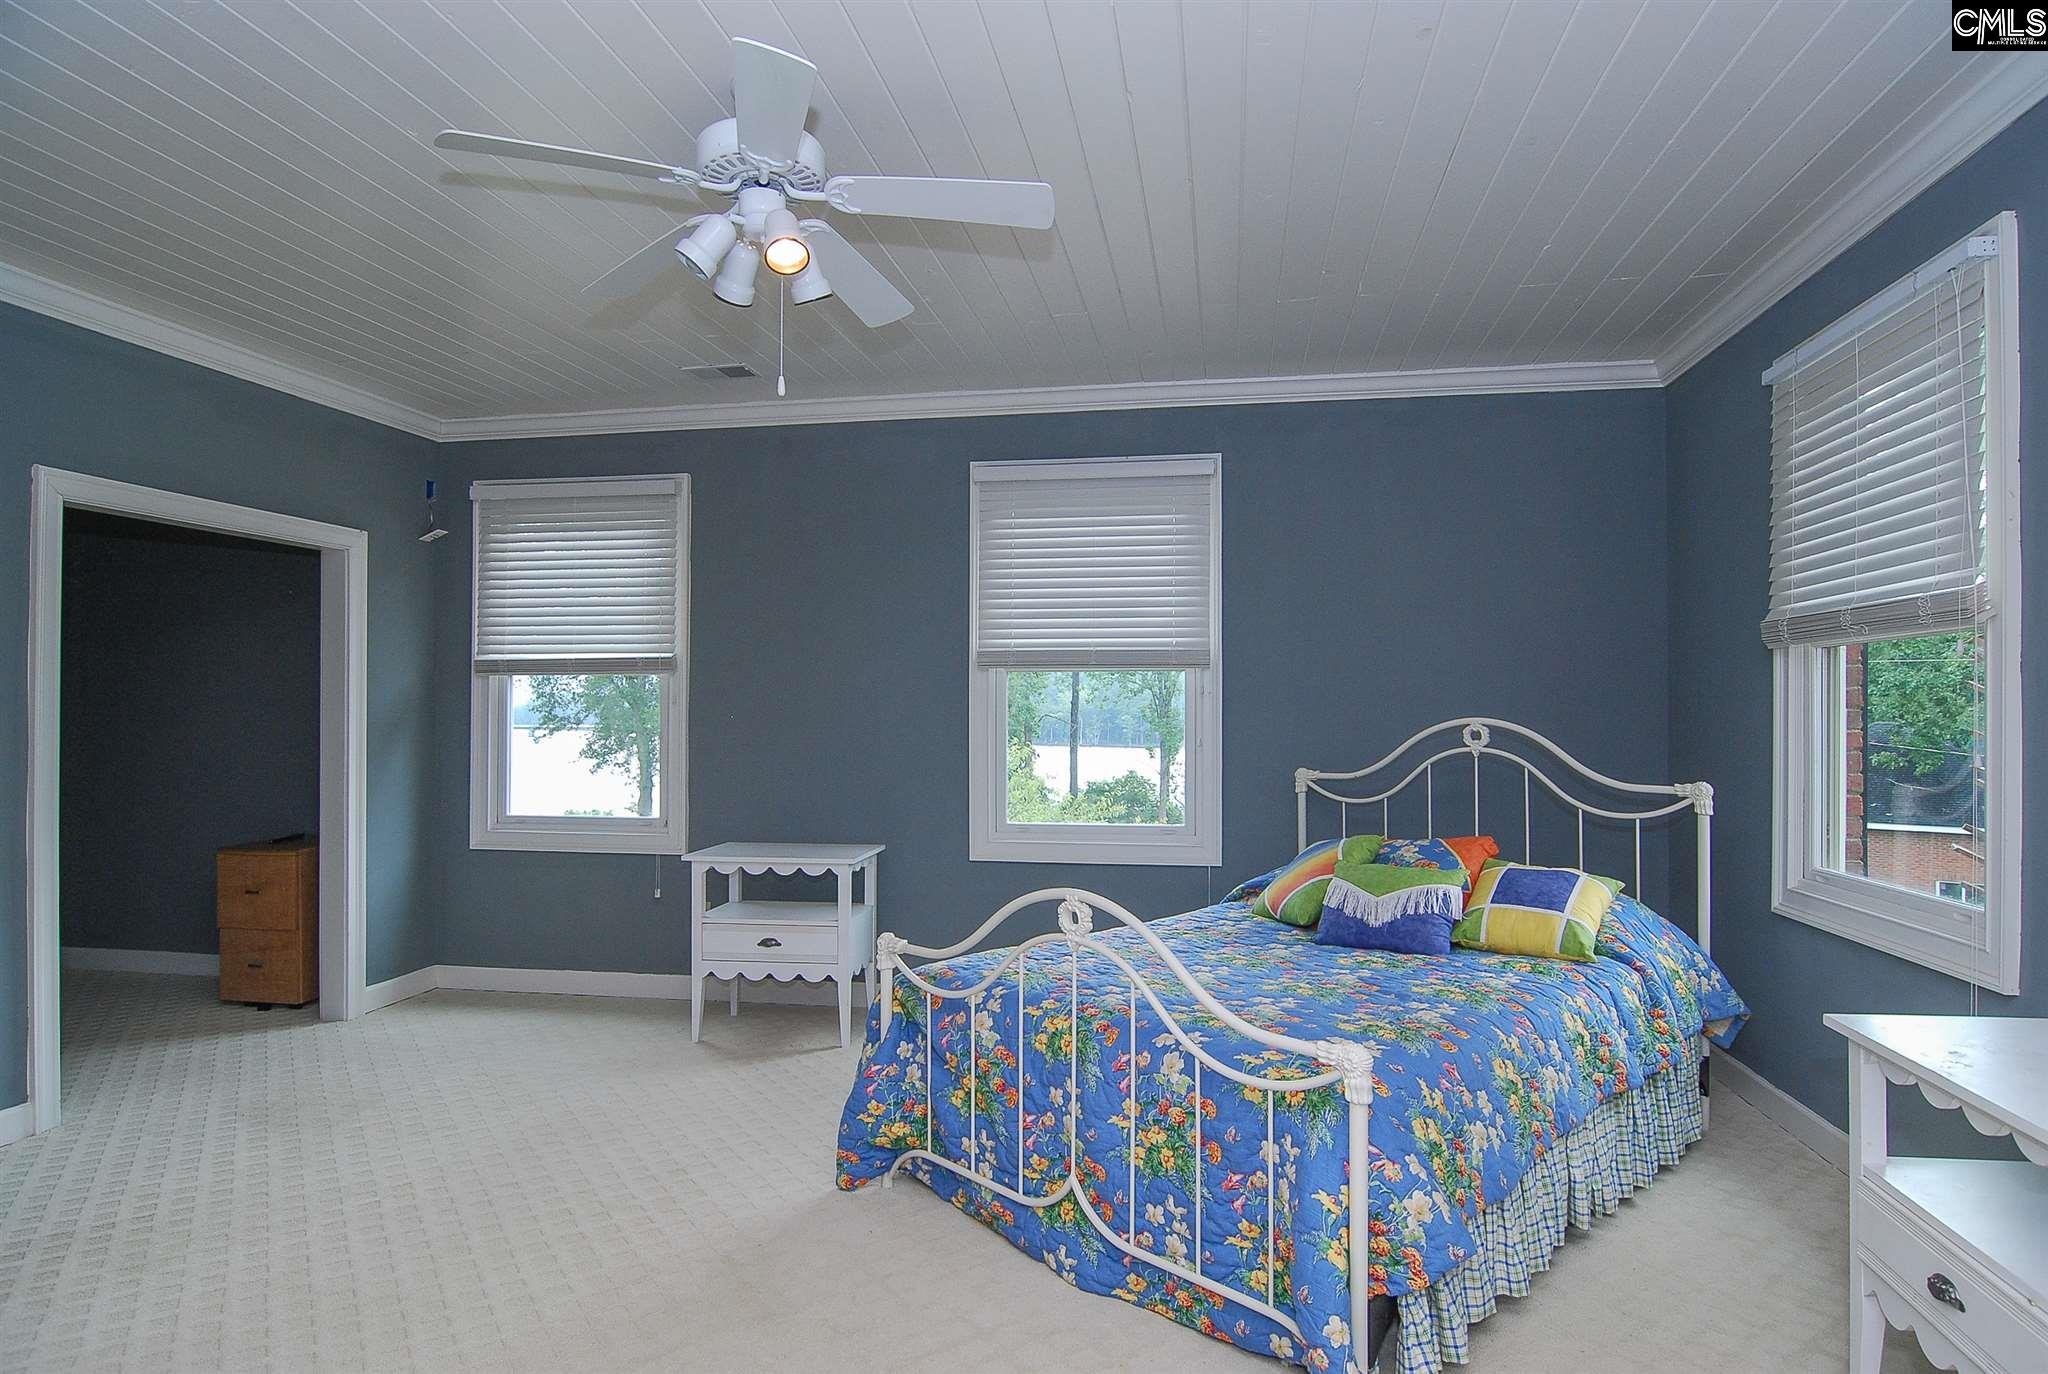 239  Hipp Island Rd Leesville, SC 29070